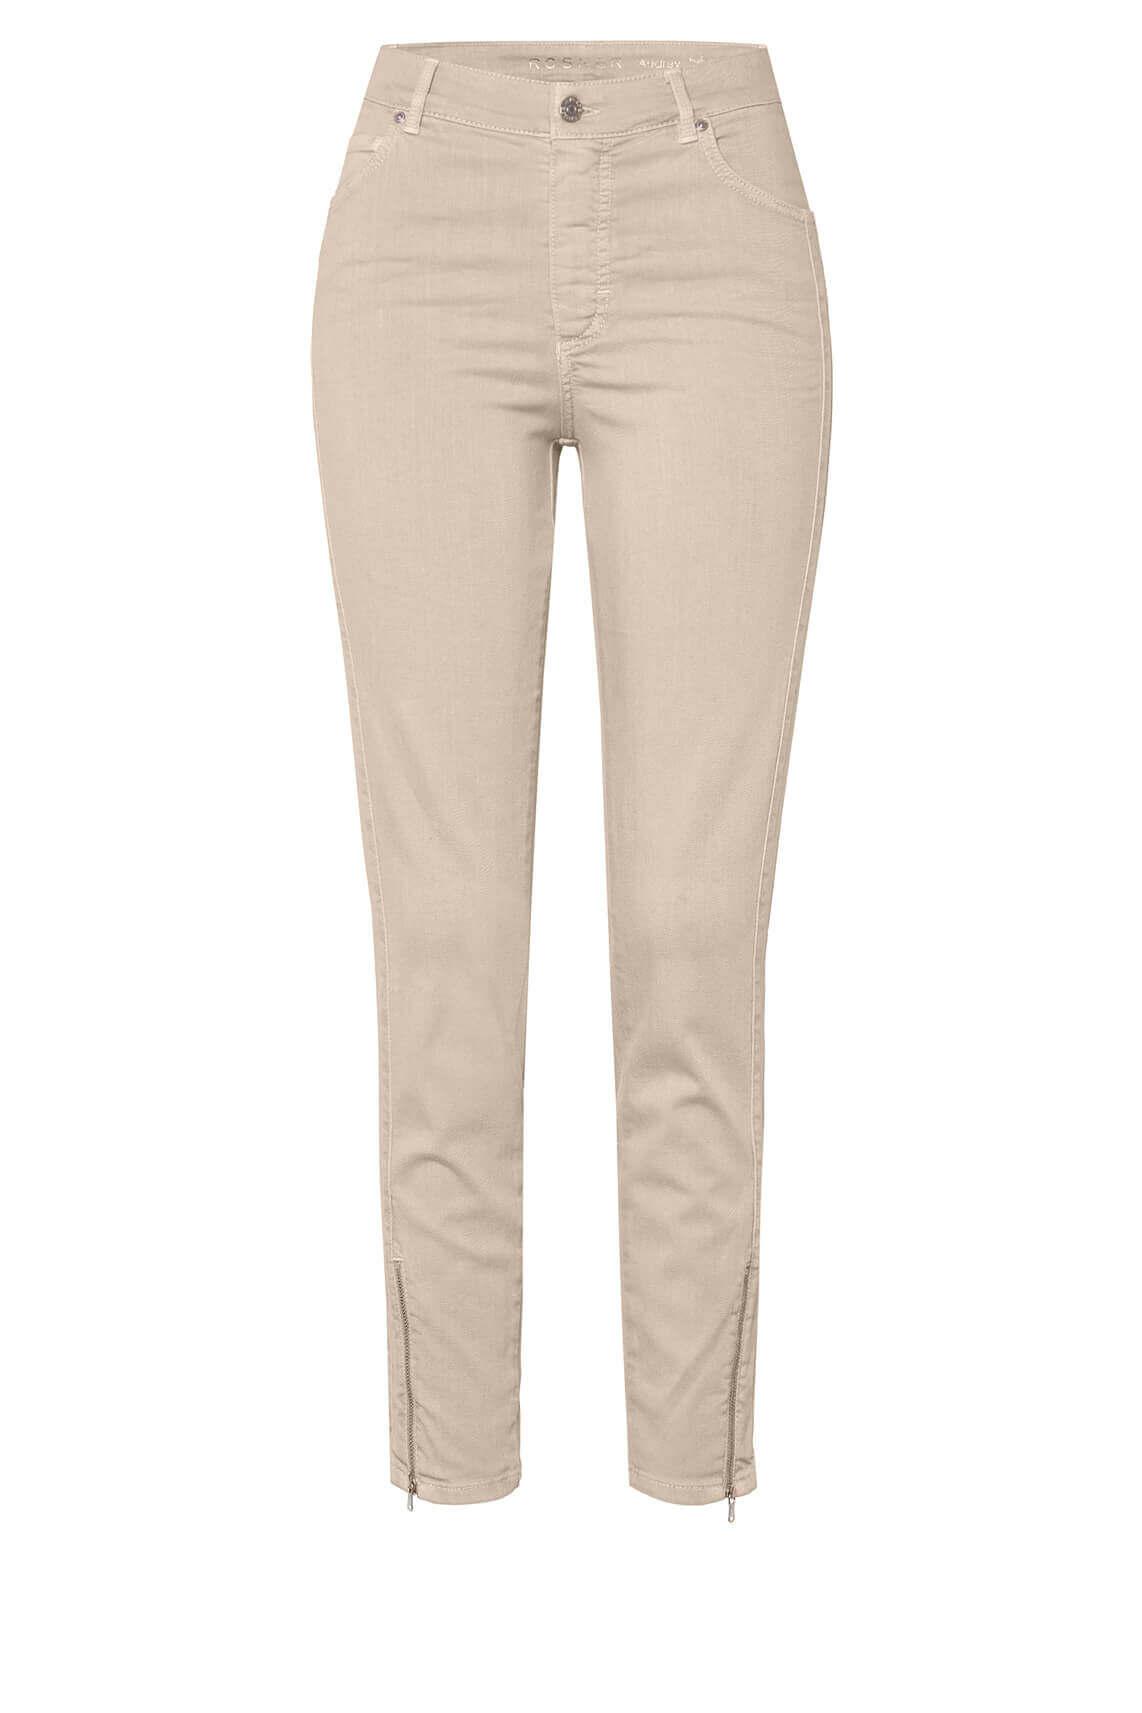 Rosner Dames Audrey jeans met rits Ecru